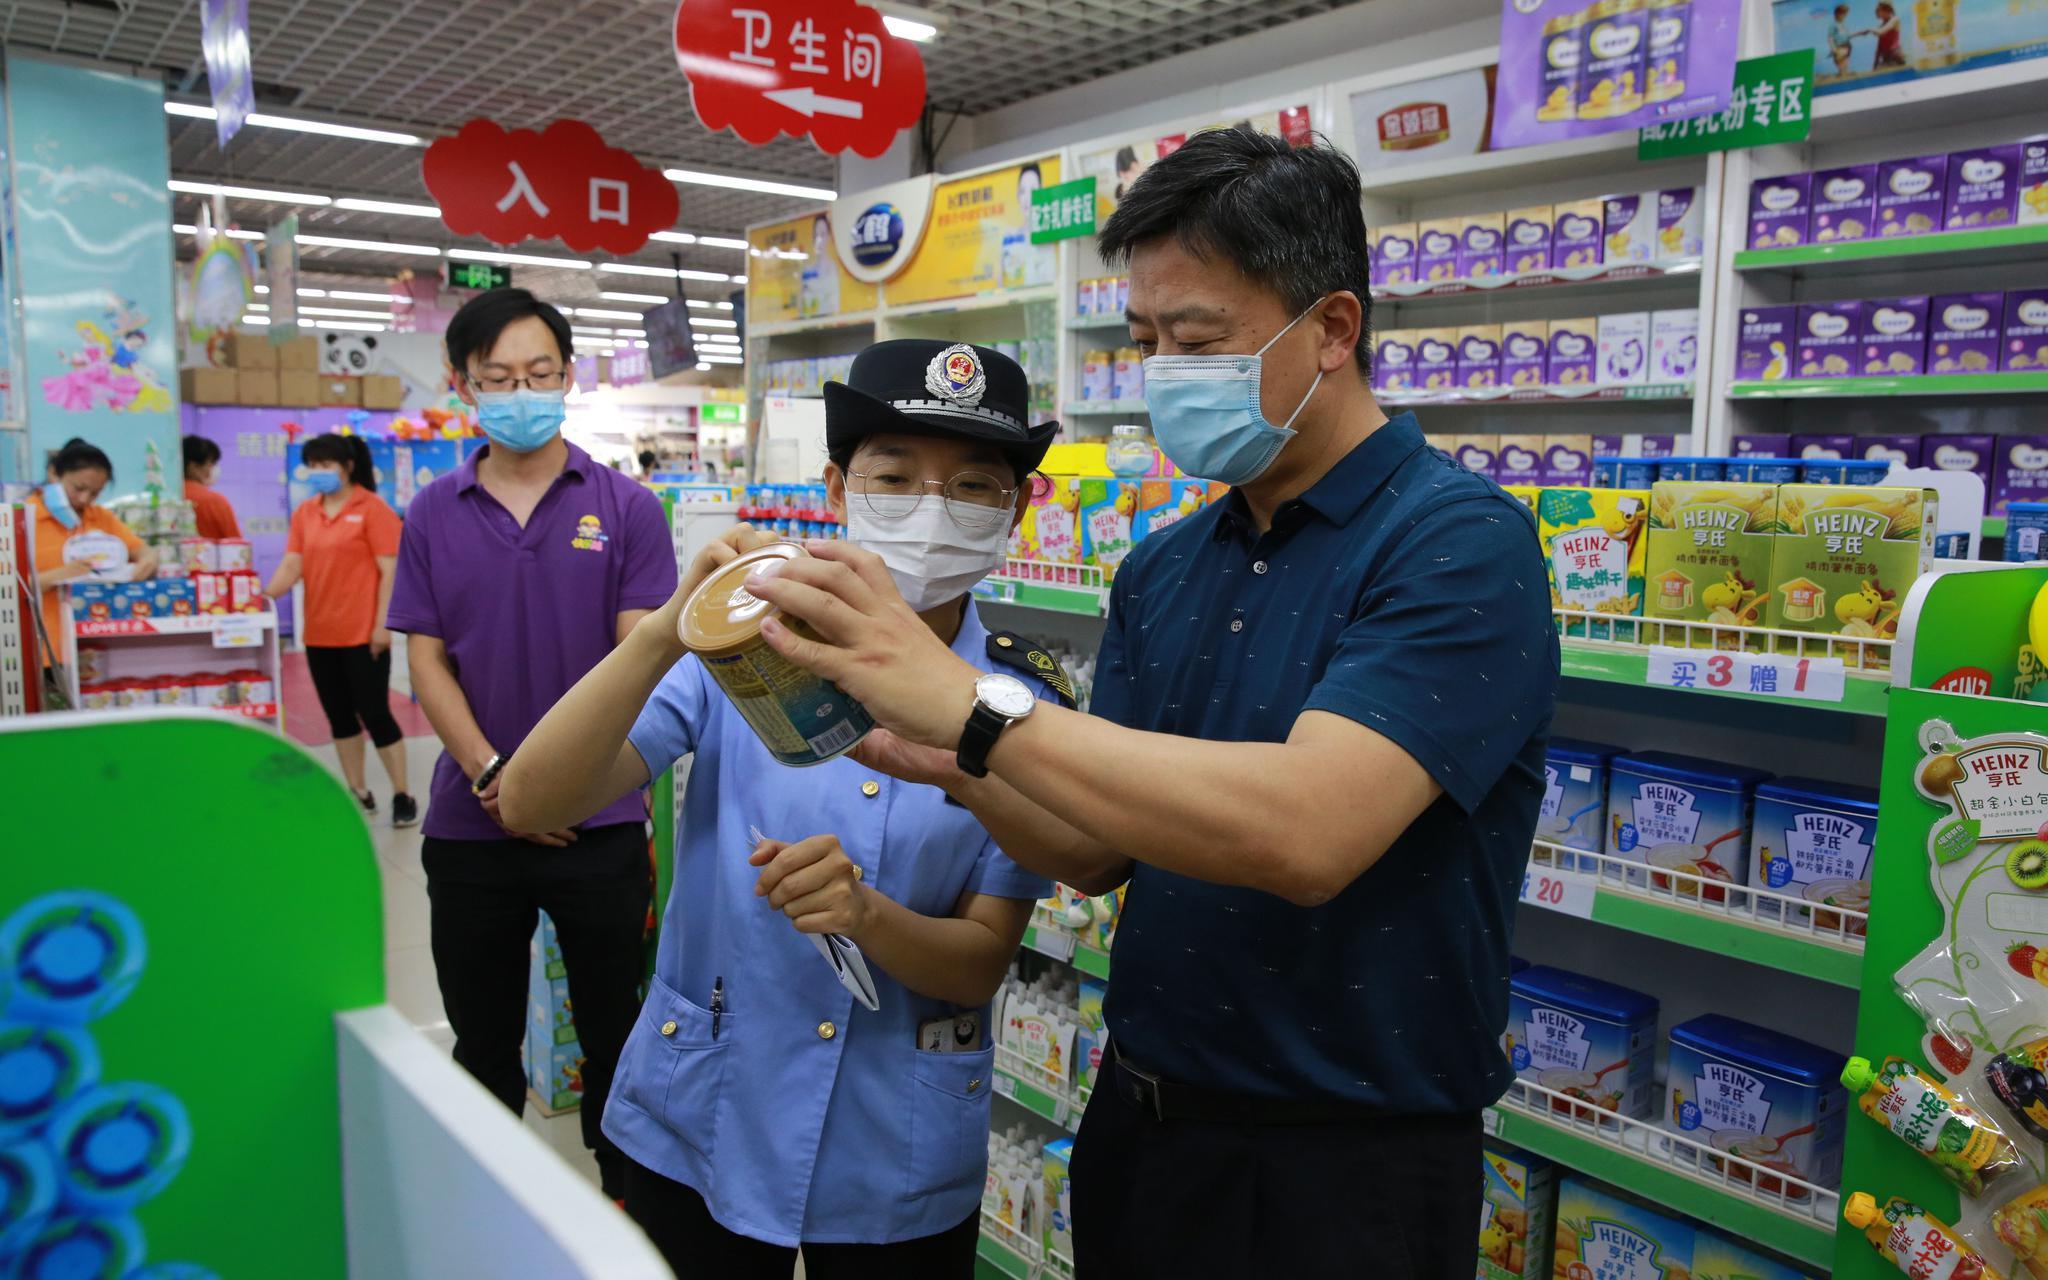 中小学即将返校复课,北京开展校园及周边市场安全检查图片